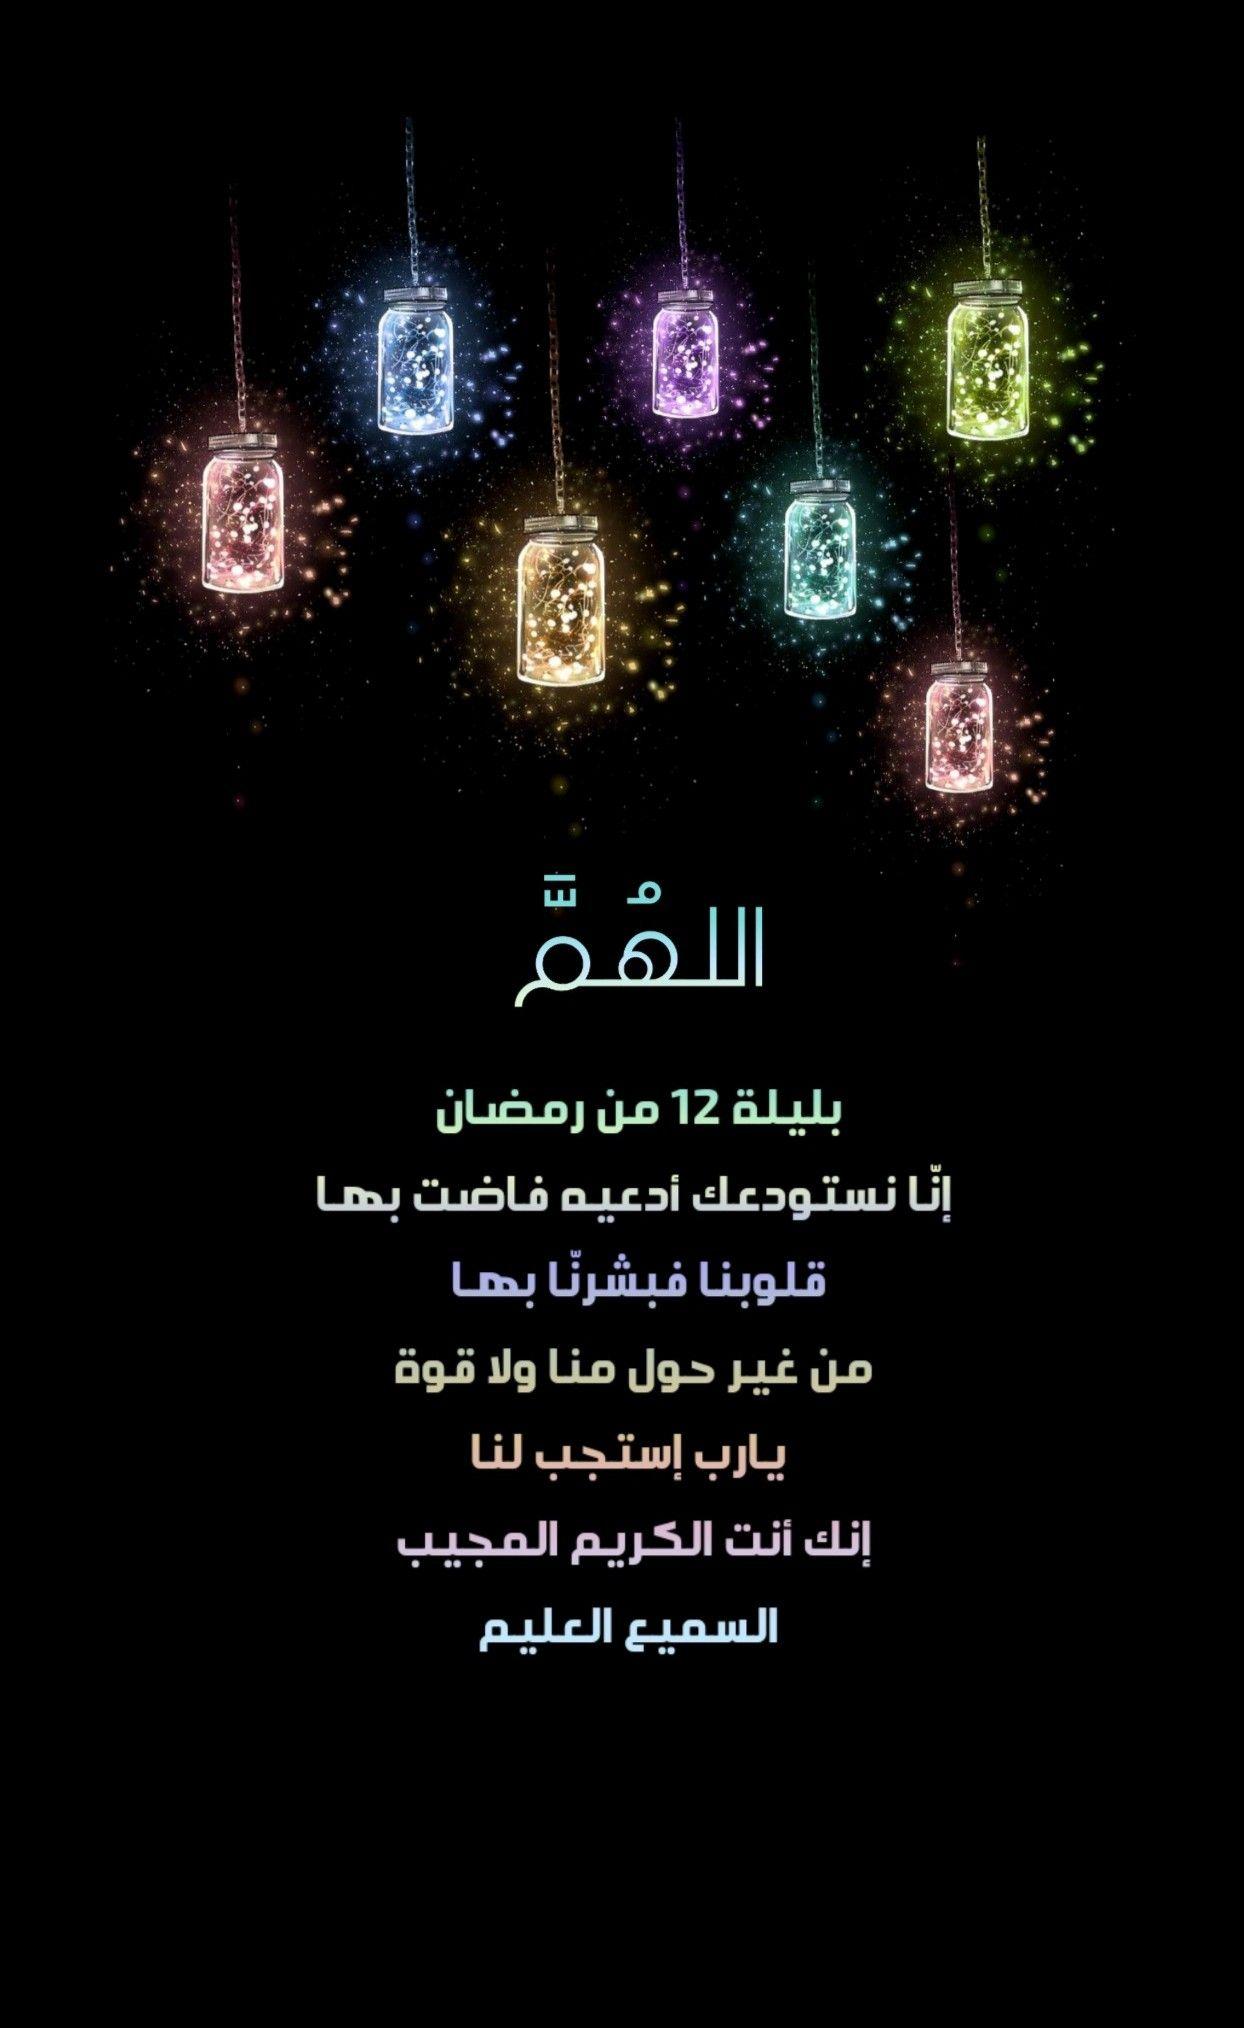 الله م بليلة ١٢ من رمضان إن ا نستودعك أدعيه فاضت بها قلوبنا فبشرن ا بها من غير حول منا ولا قوة يارب إستجب لنا إنك أنت Ramadan Day Ramadan Crafts Ramadan